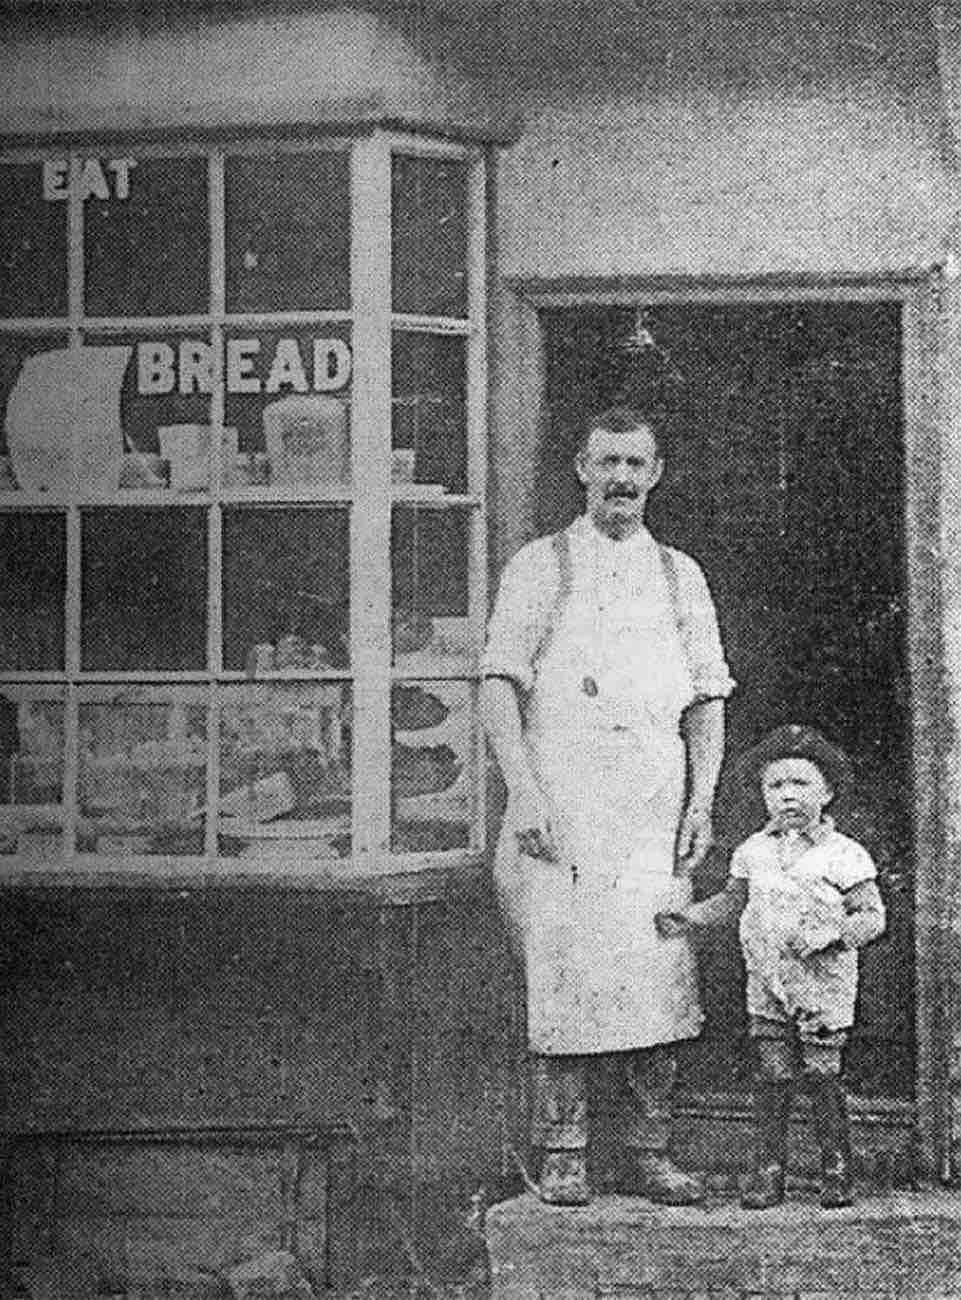 History-days-bakery-3-min